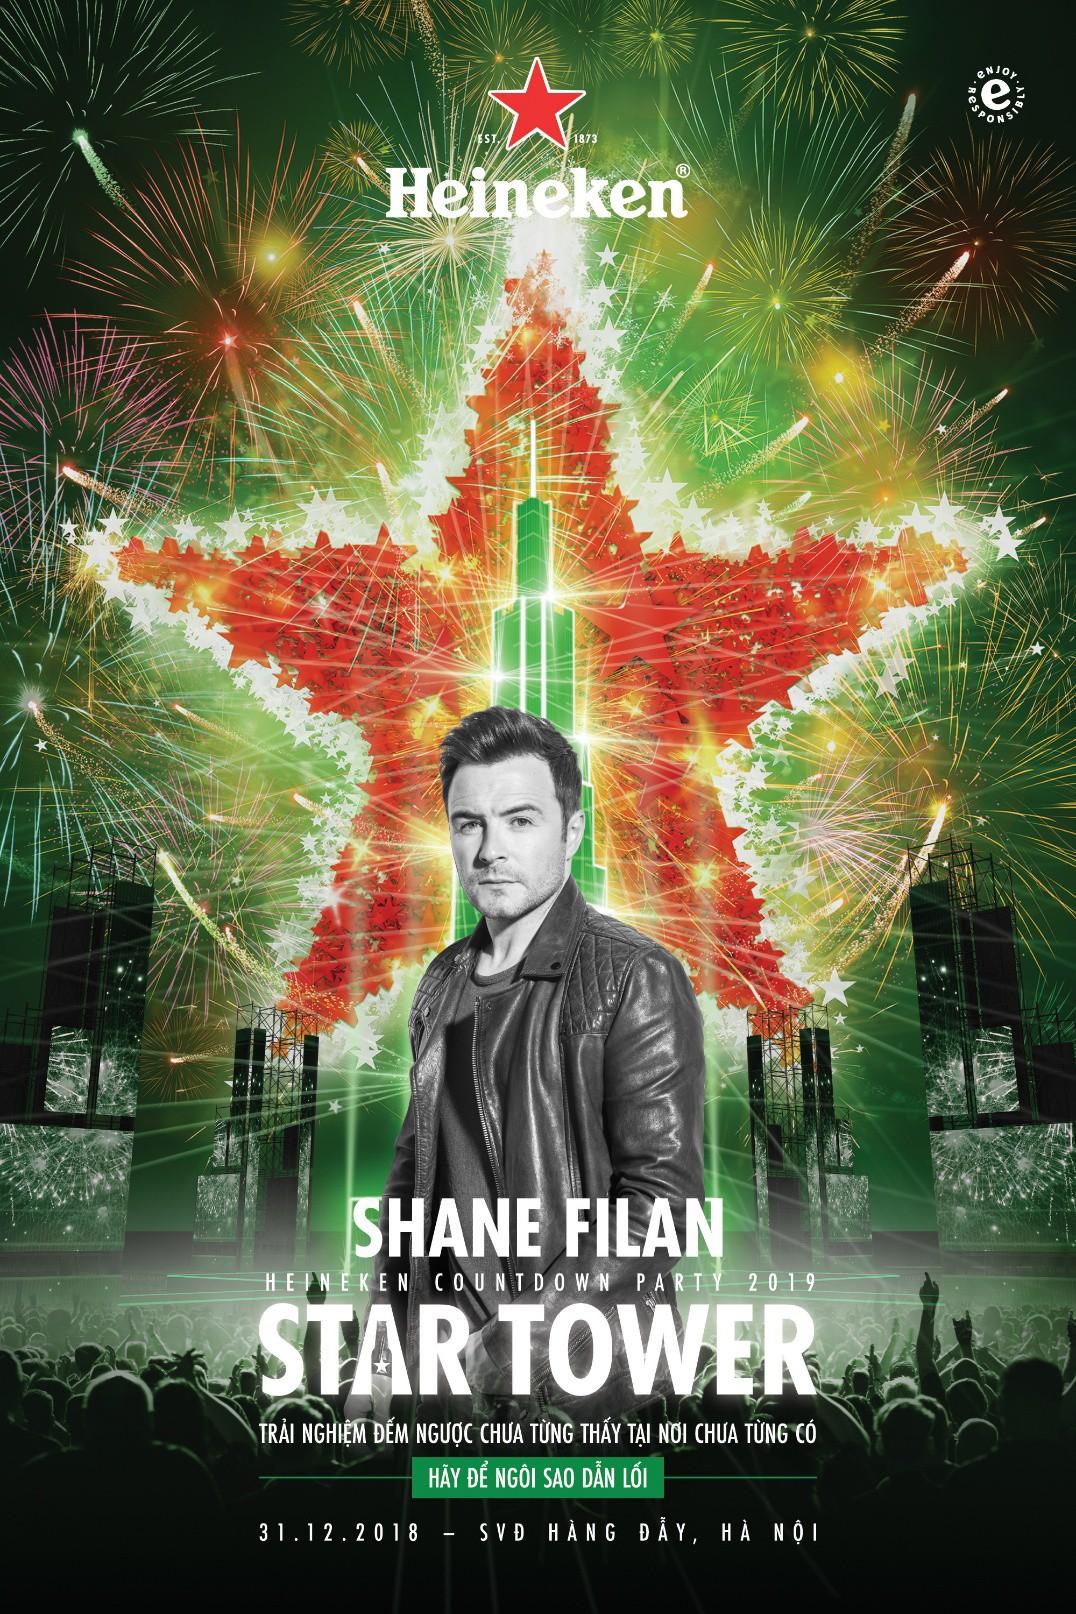 Noo Phước Thịnh, Tiên Tiên hội ngộ Shane Filan hứa hẹn một đêm nhạc Countdown Party 2019 bùng nổ - Ảnh 1.